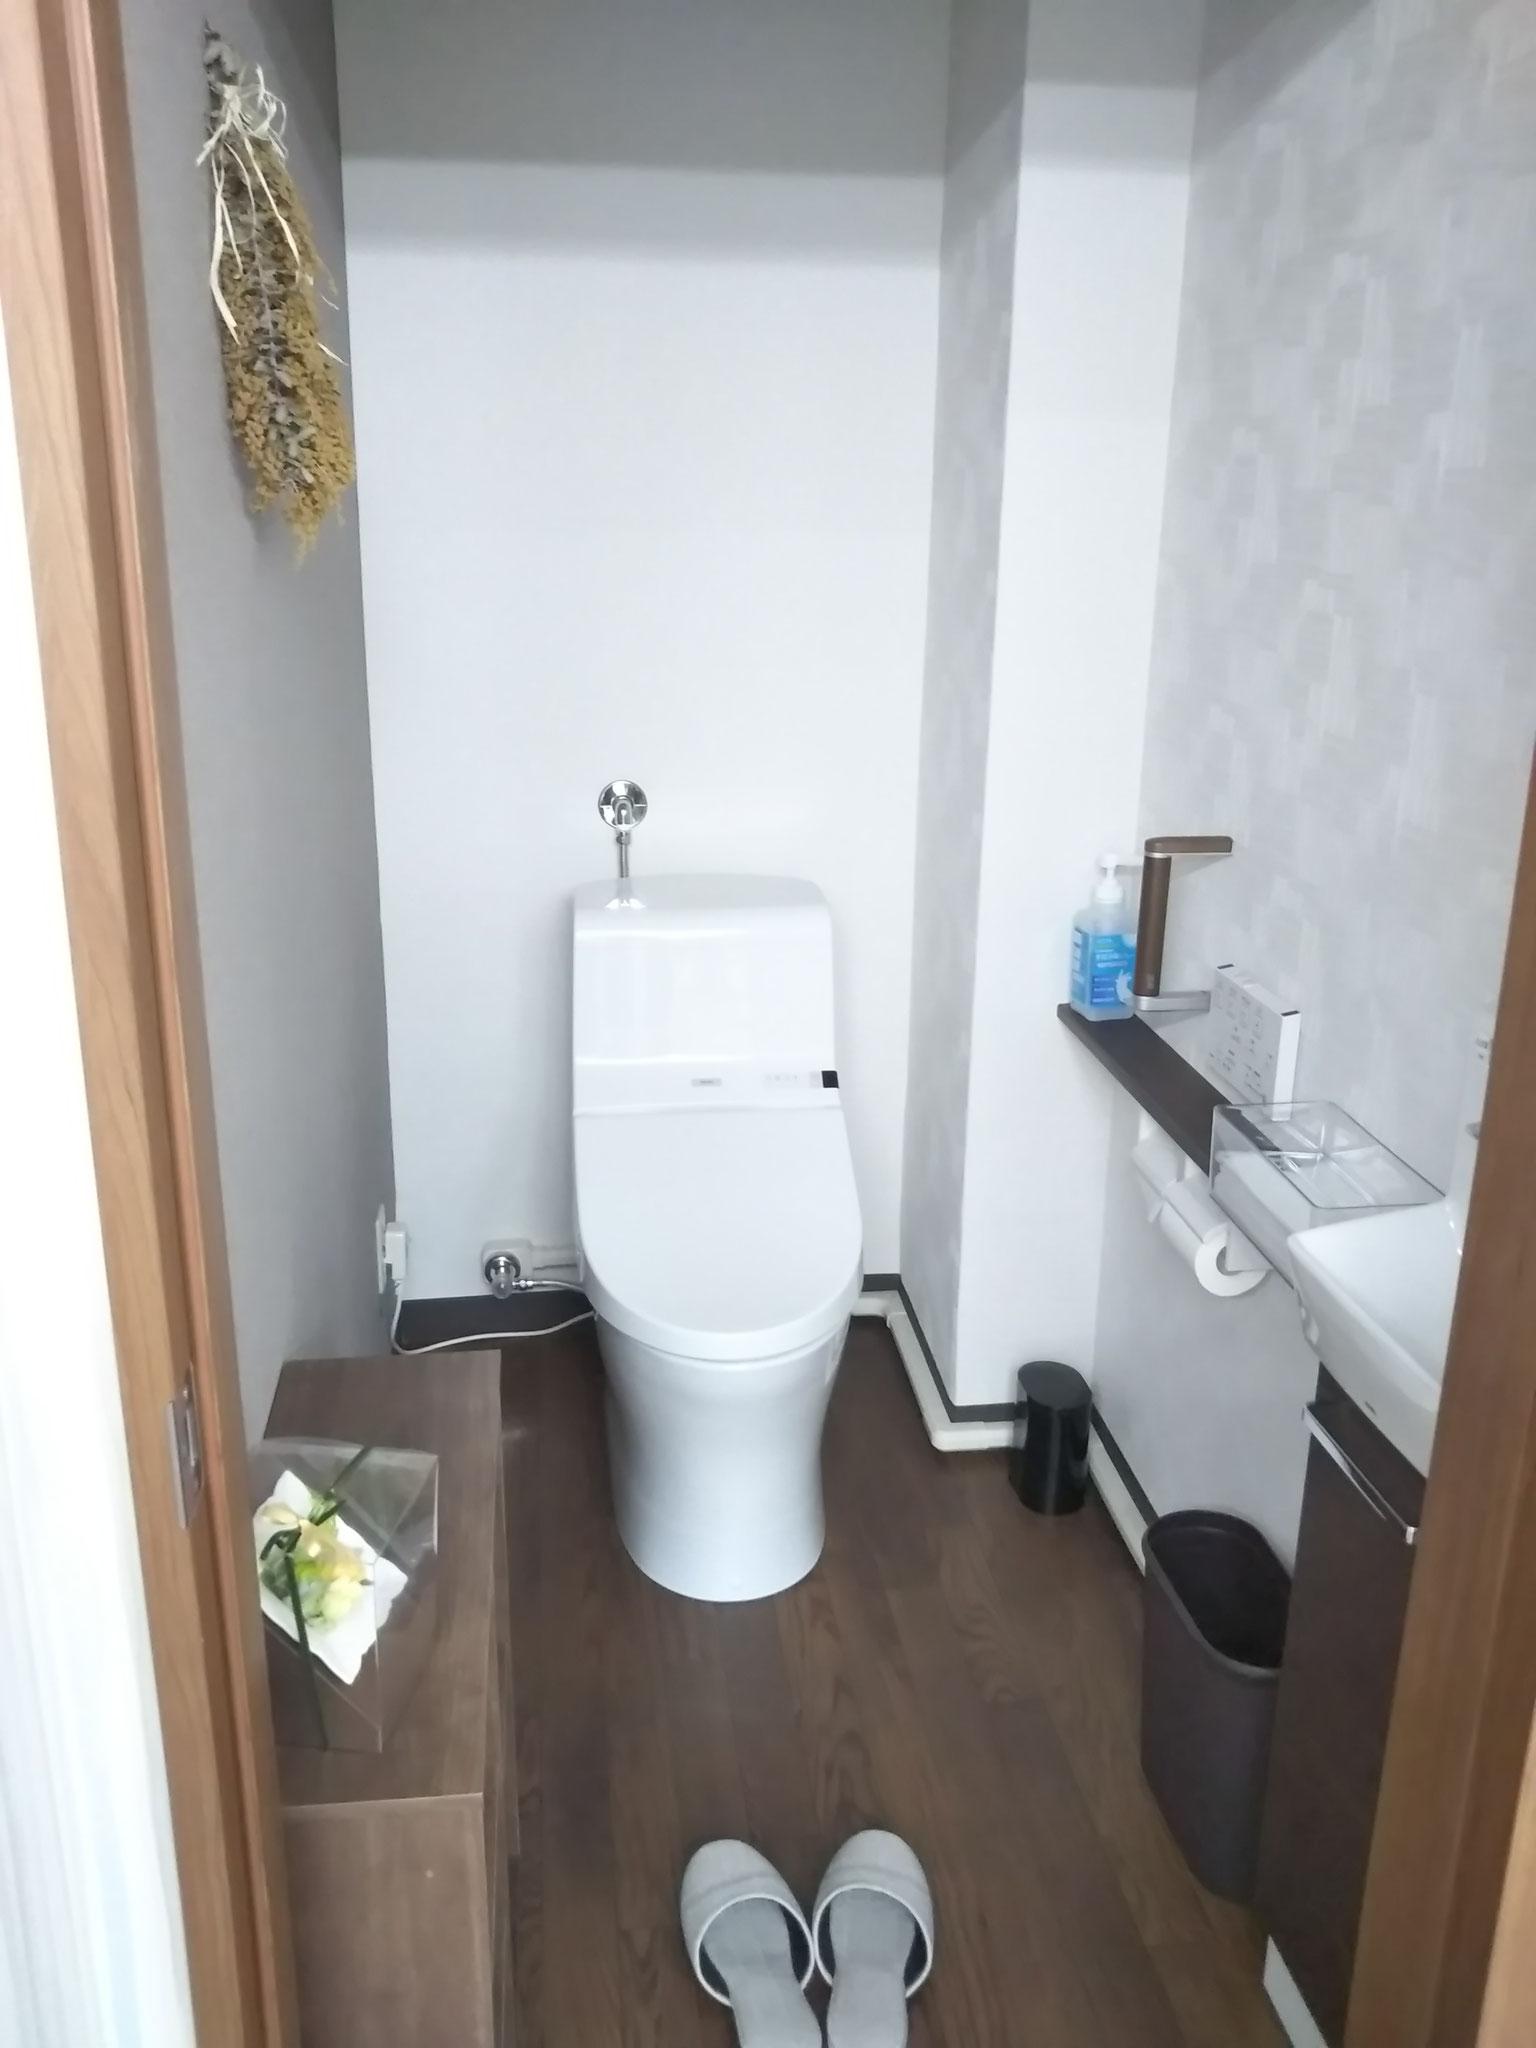 清潔なトイレ 手すりがついています